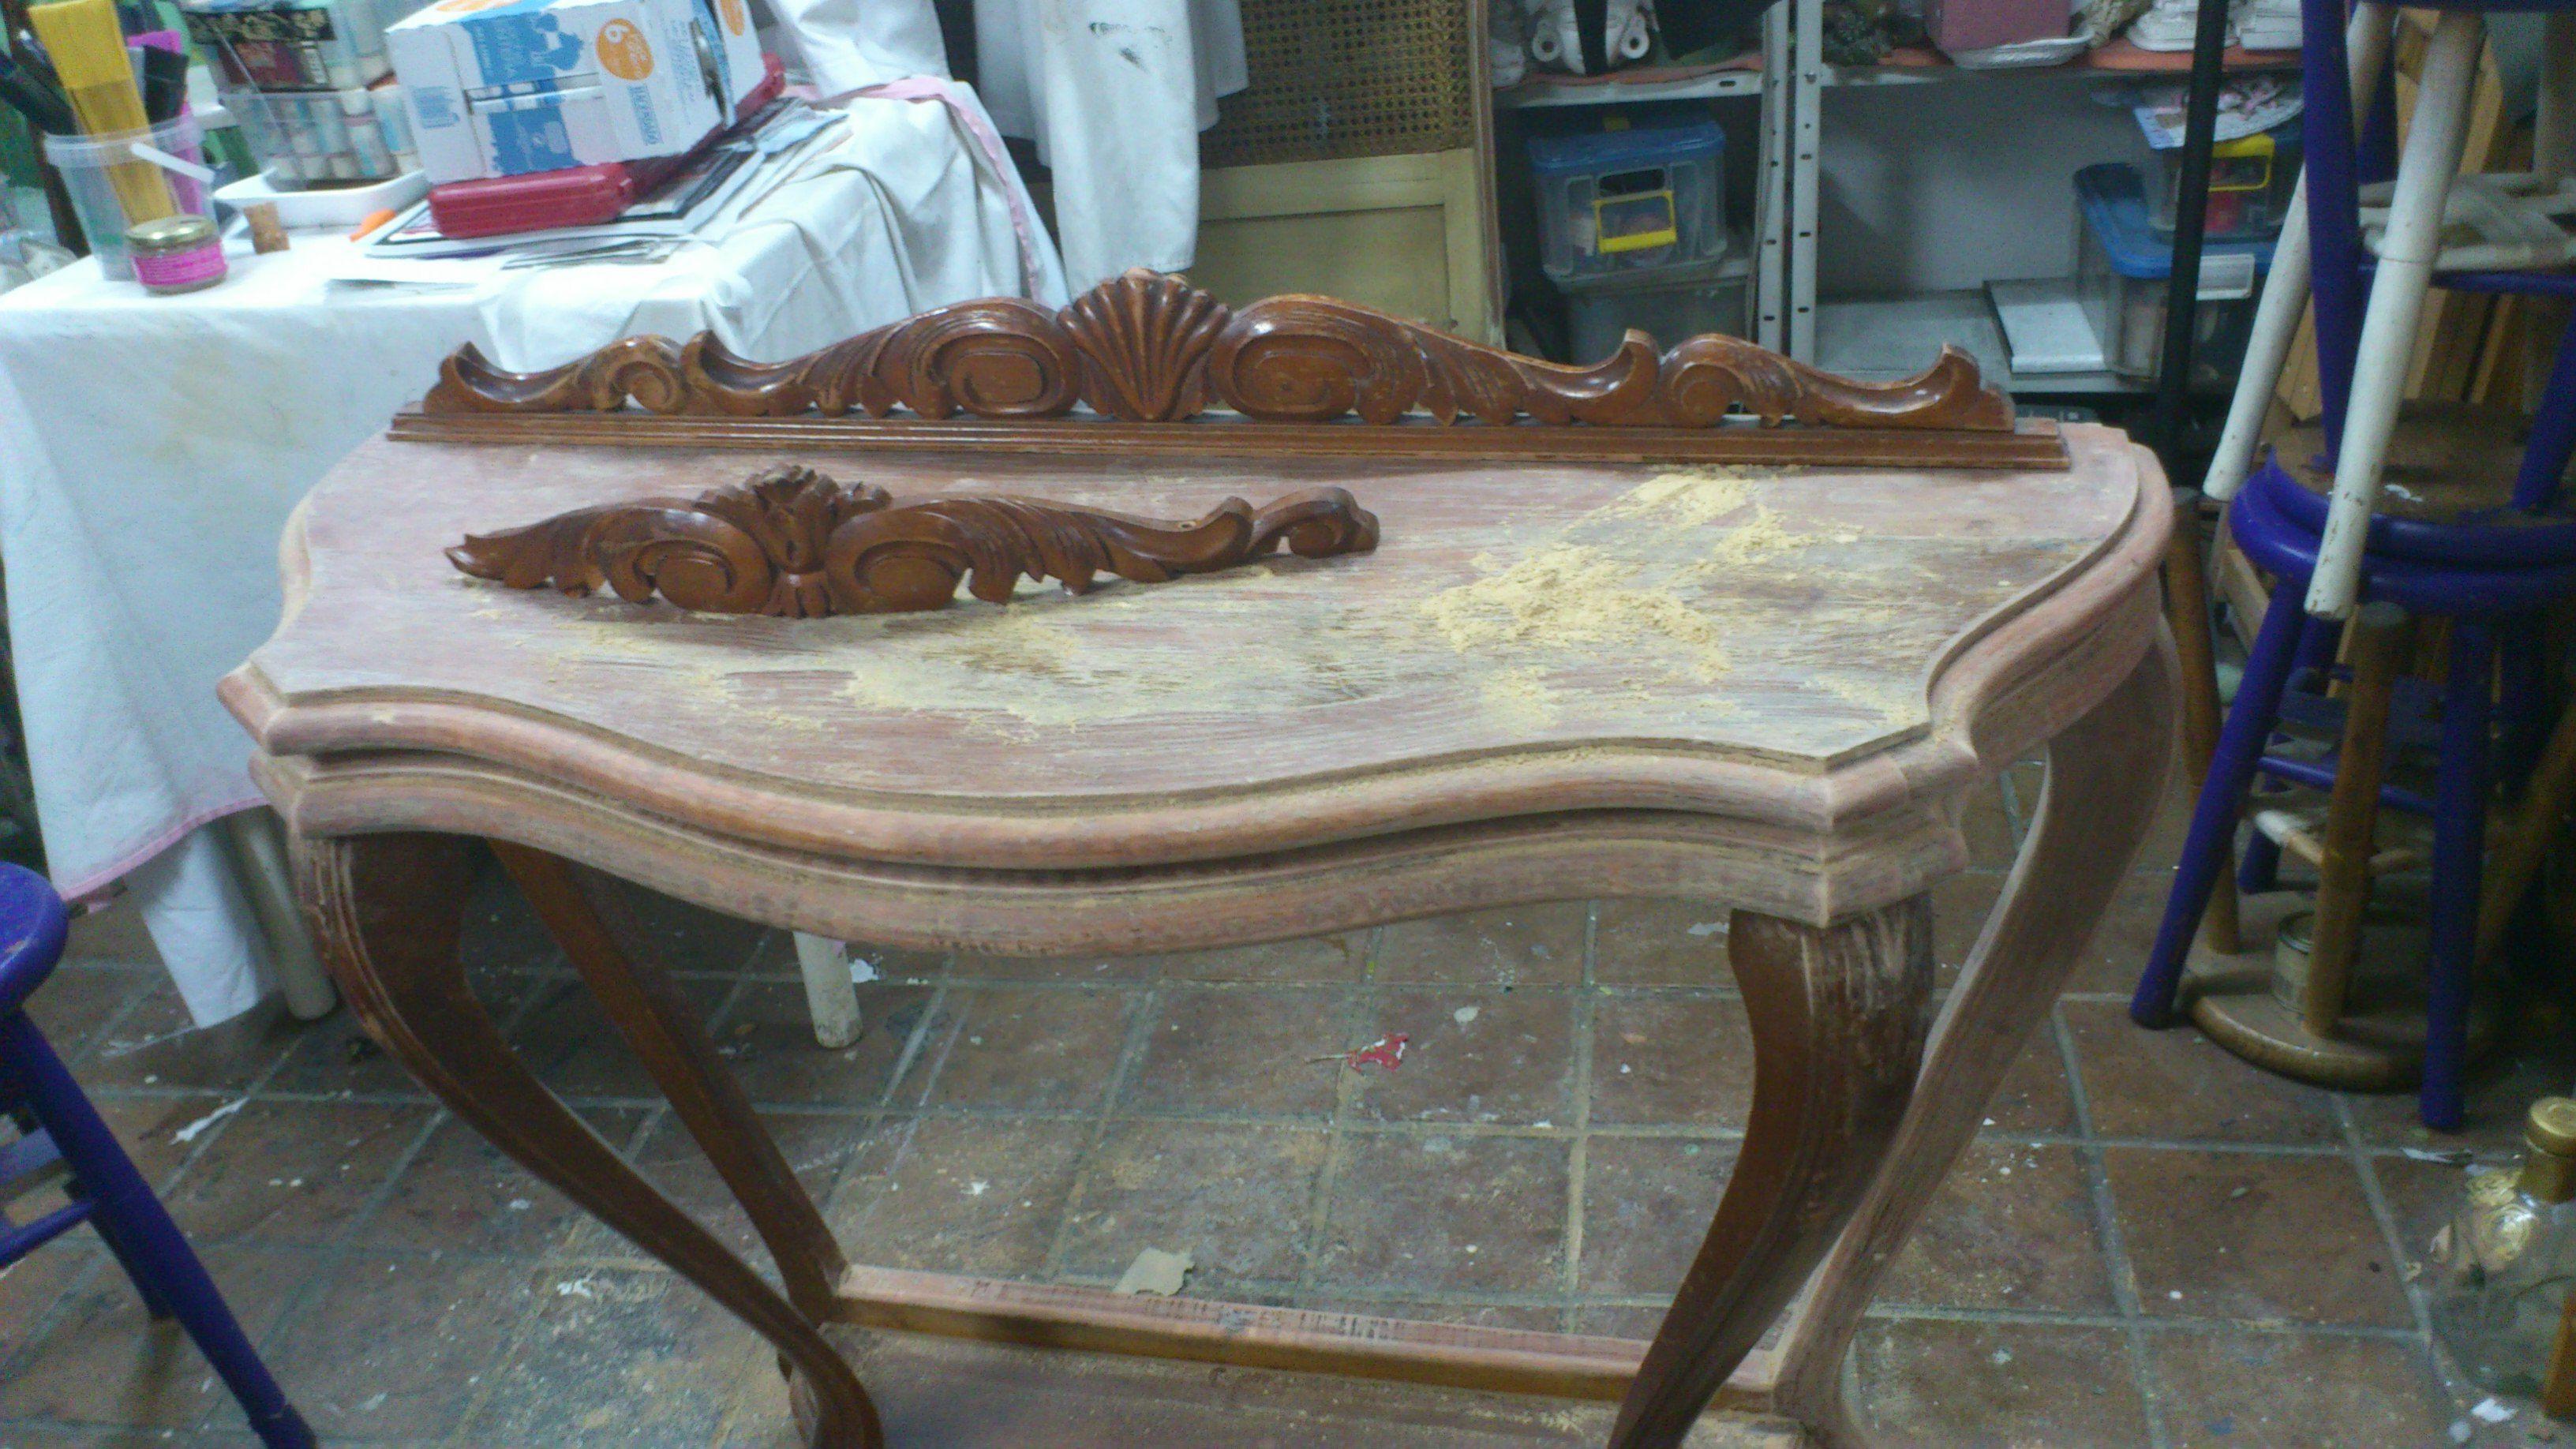 Pintar muebles de madera decorarlos y transformarlos - Pintar muebles colores ...